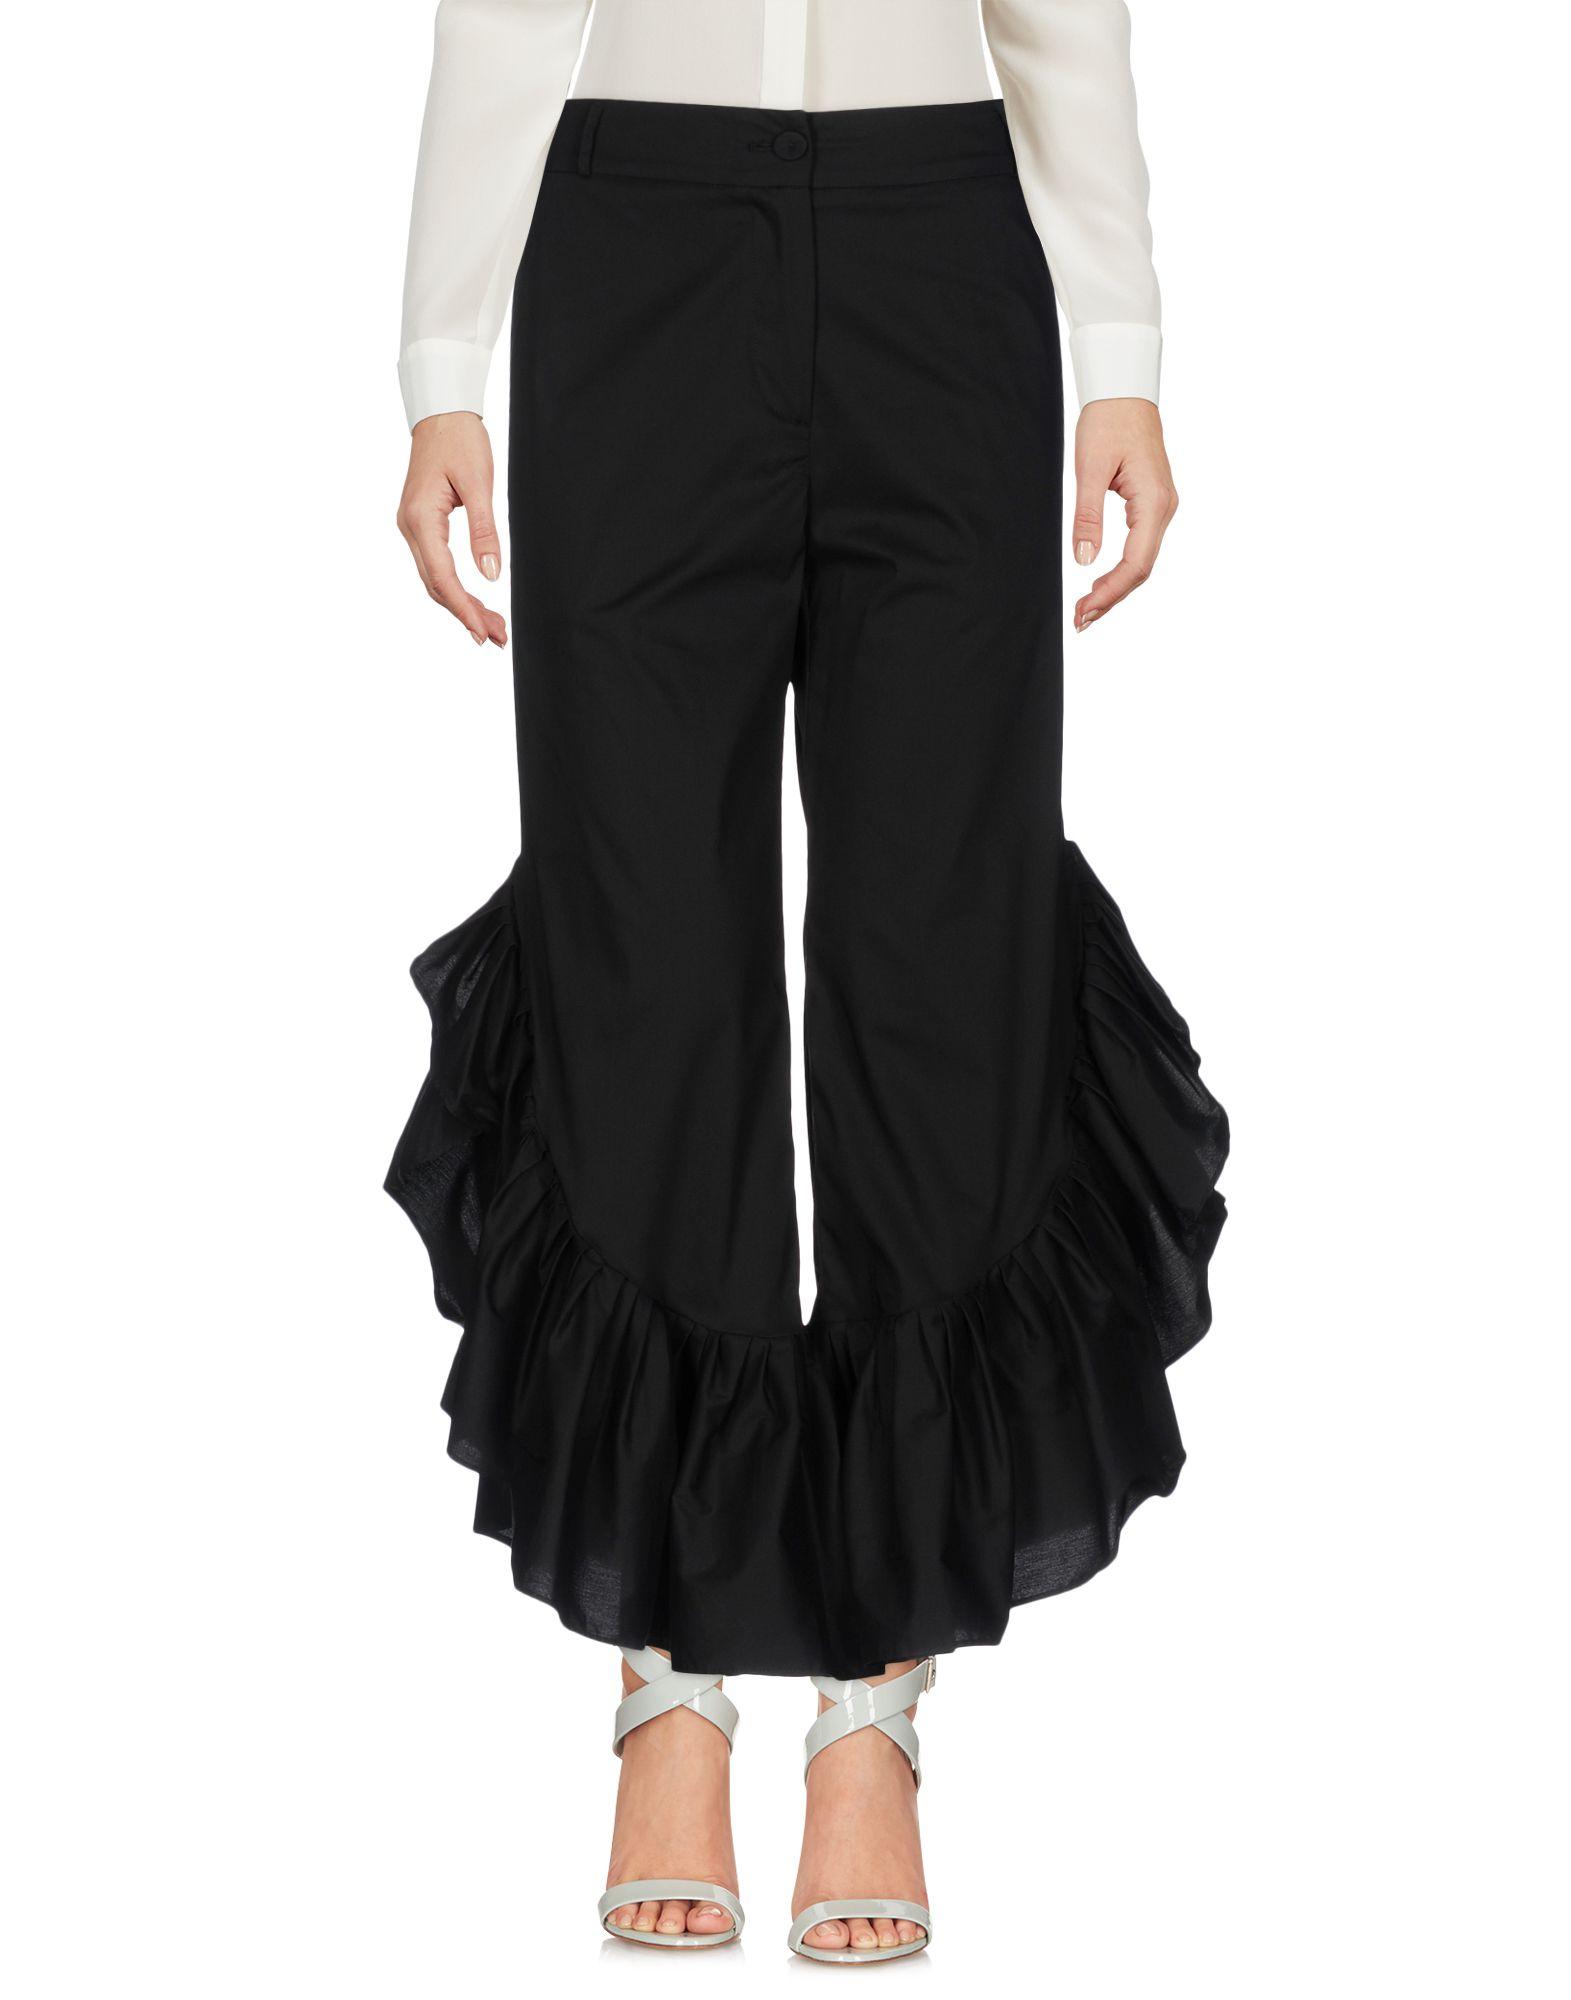 Pantalone Classico Classico Classico Suoli donna - 13111421DI 414